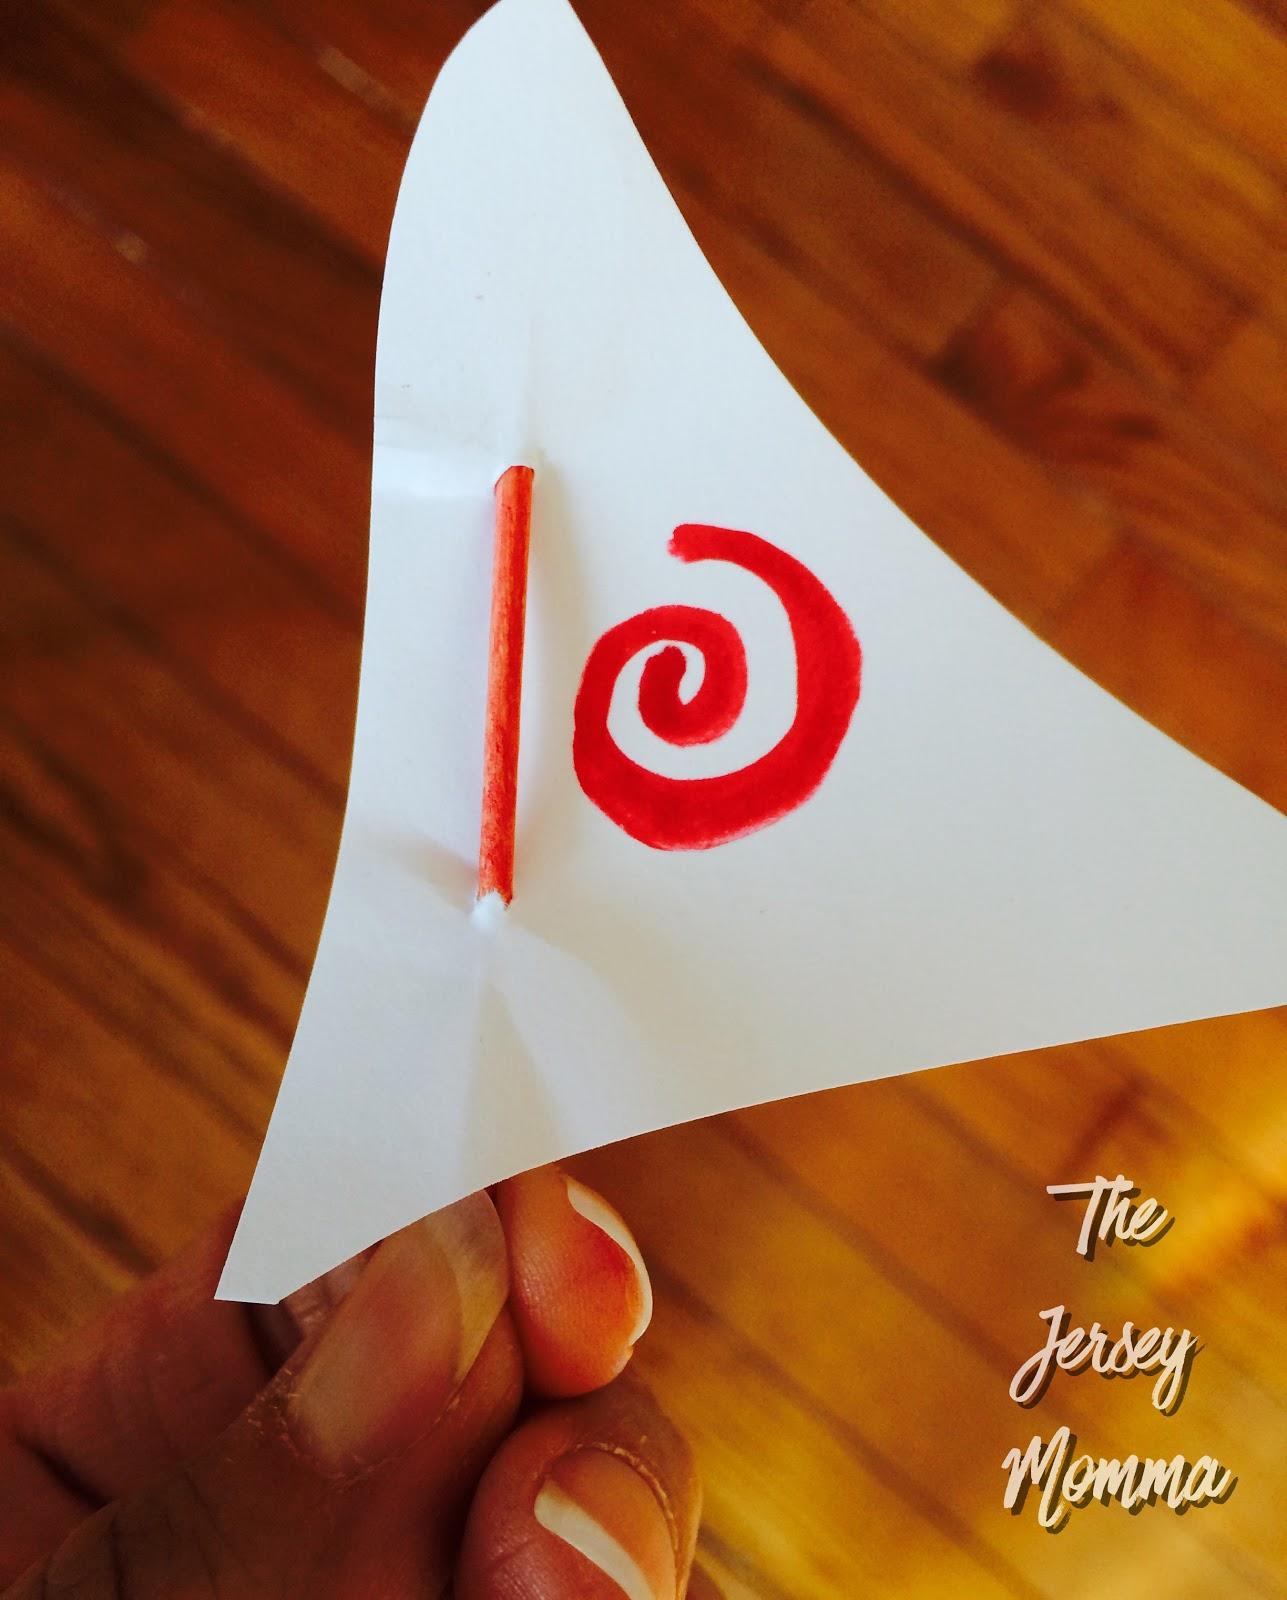 The Jersey Momma Disney S Moana Recipes Jello Treats And Free Printables